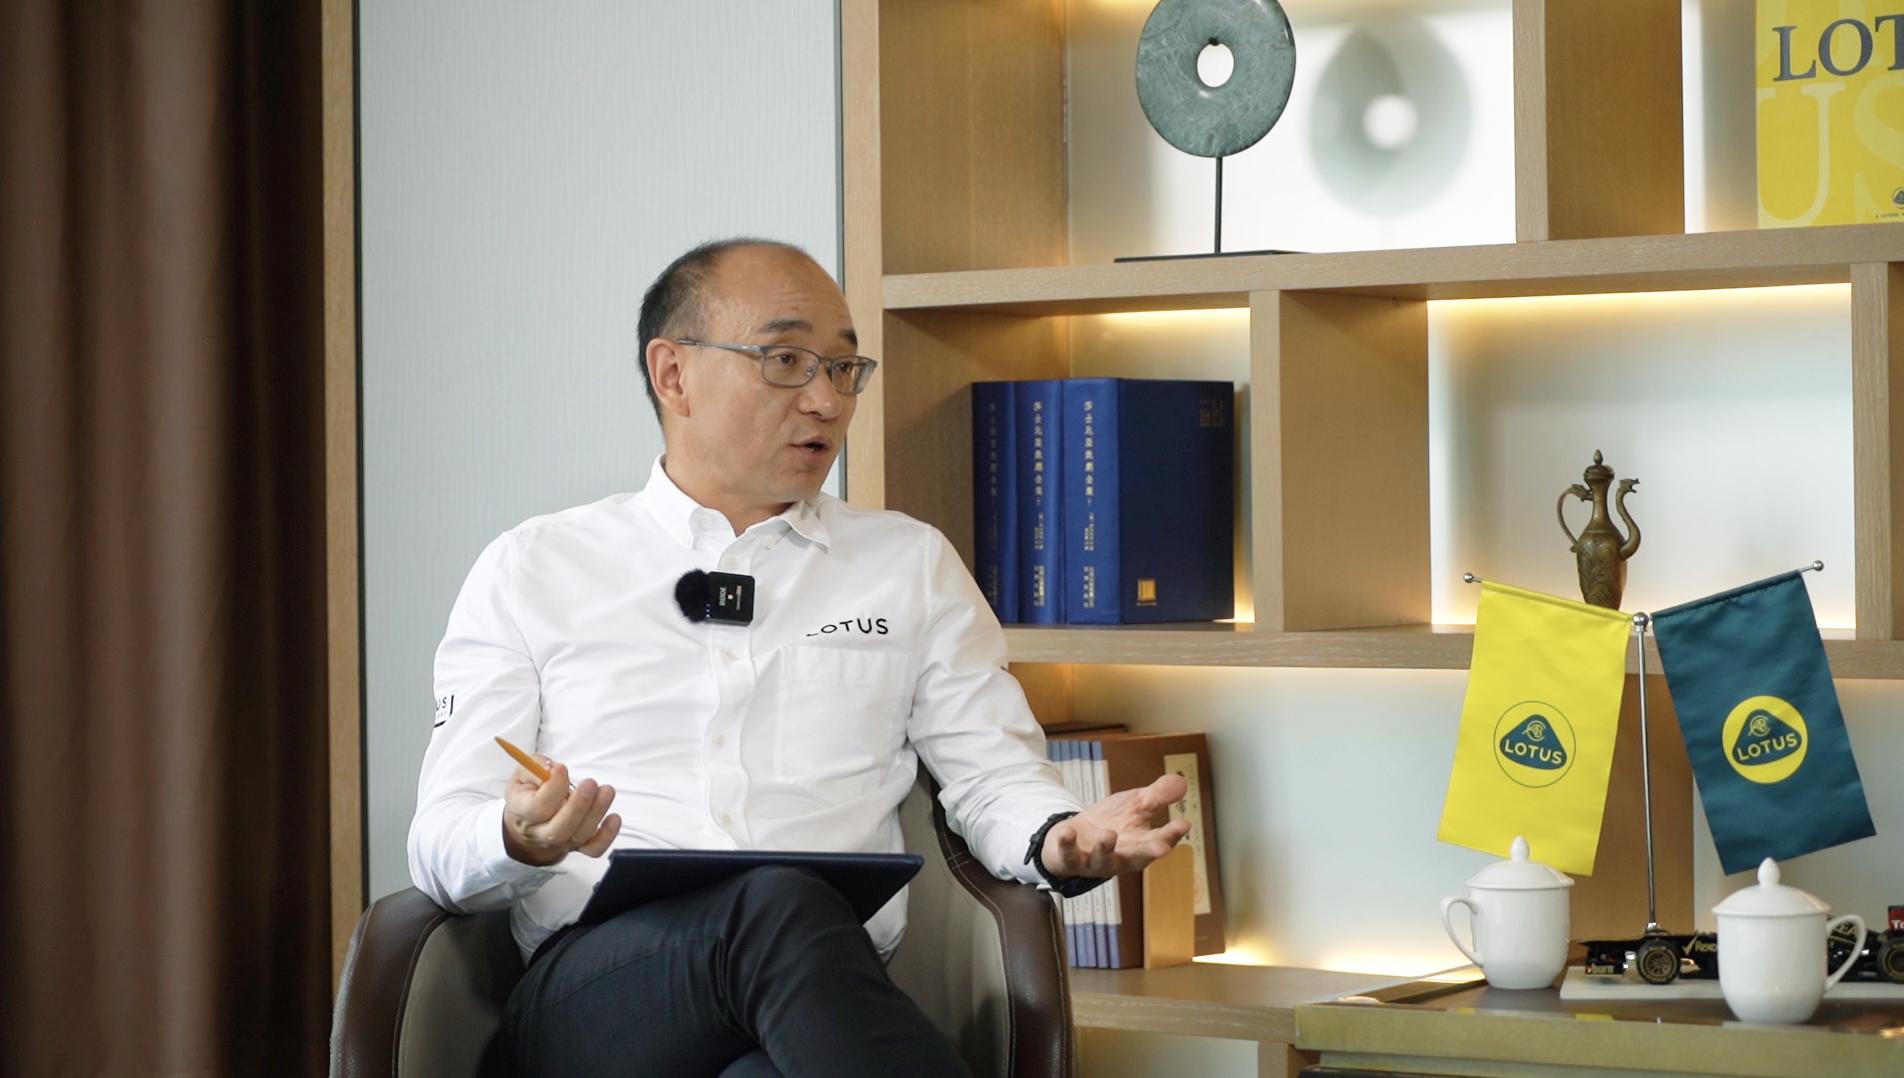 路特斯集团CEO 冯擎峰